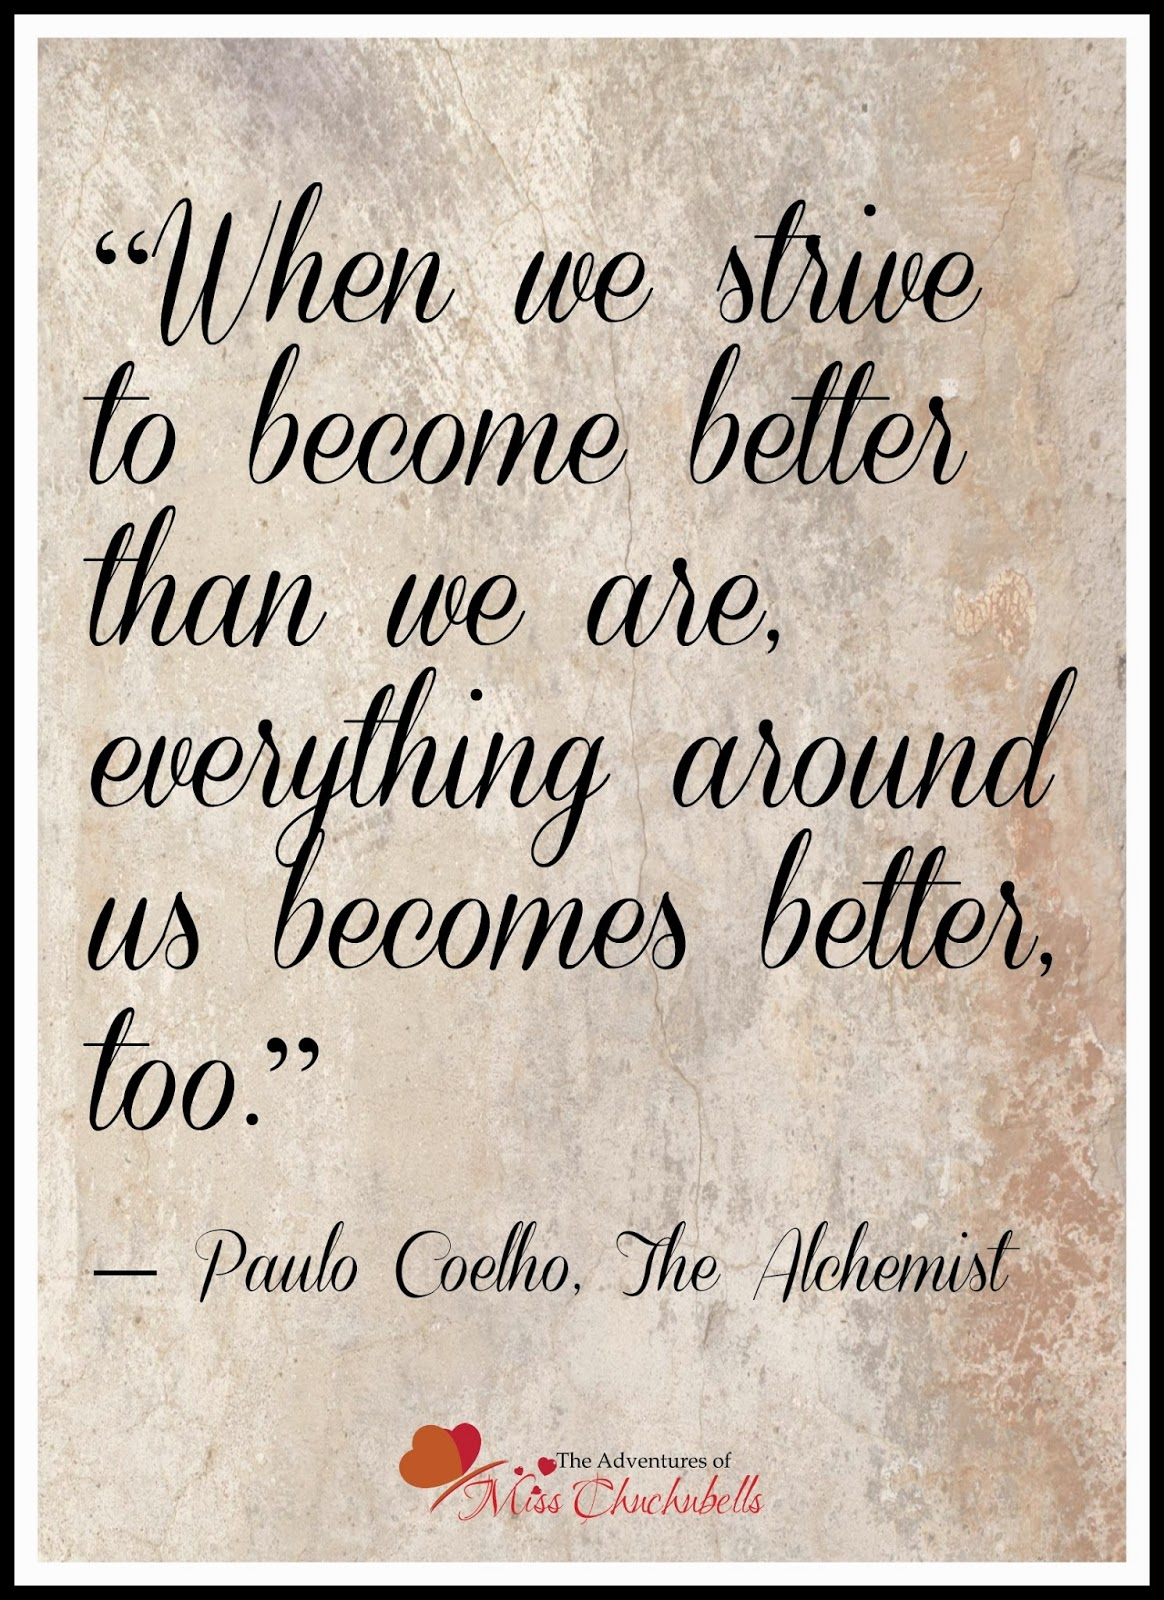 the alchemist paulo coelho quotes quotesgram